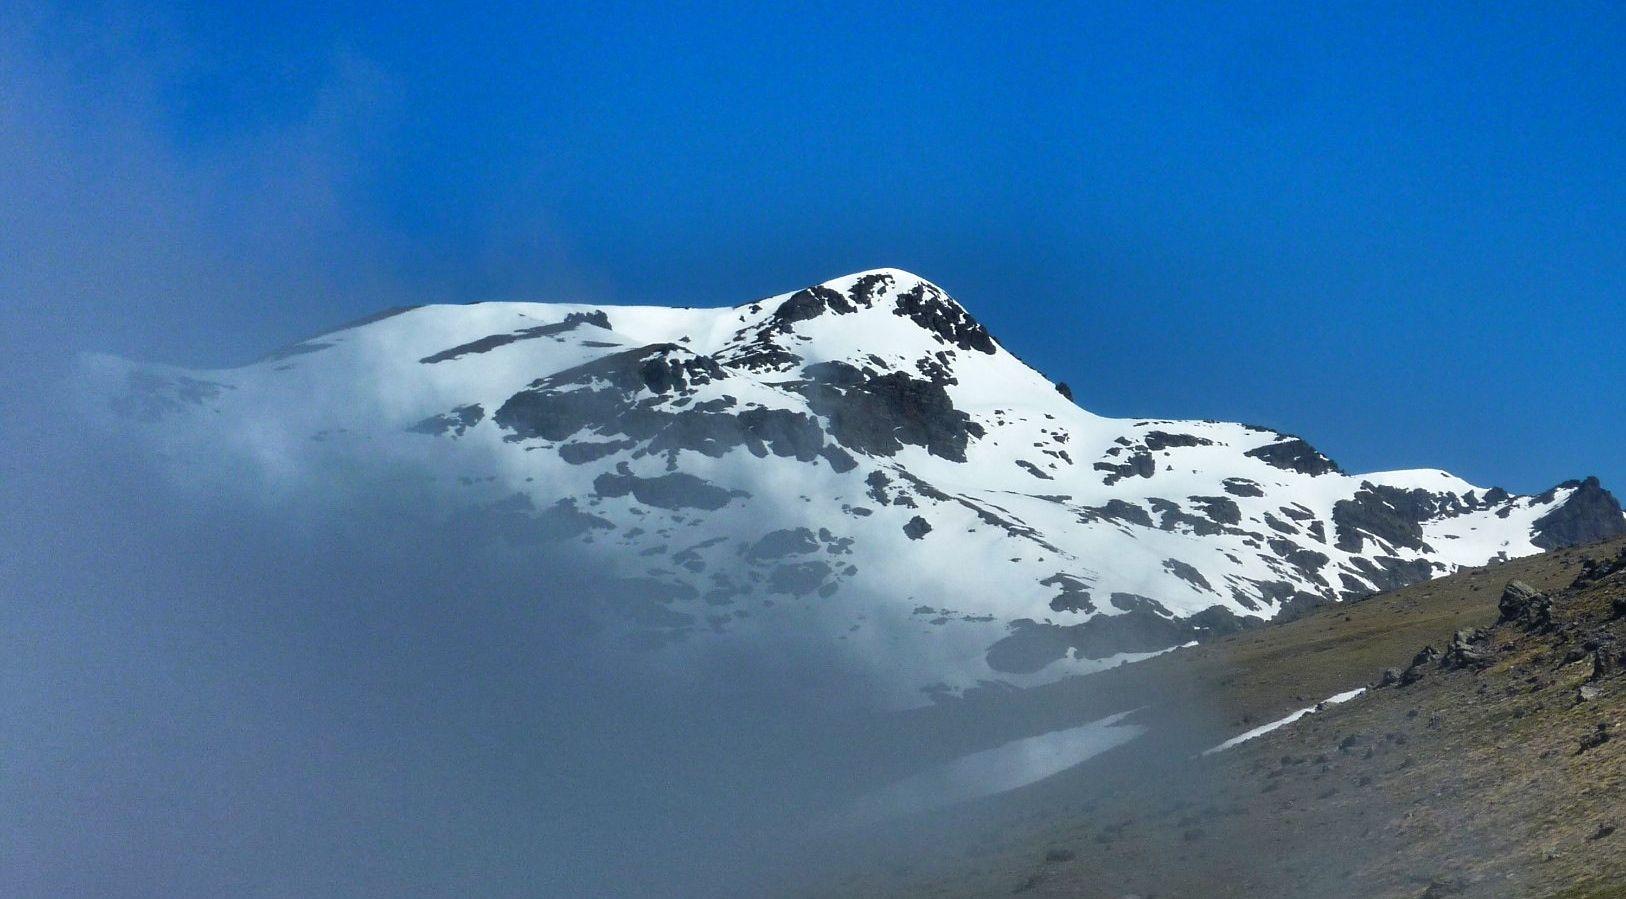 Cara sur del Cerro del Caballo 3011m. Hay personas que quieren cargarse este paraíso #salvemosSierraNevada !!